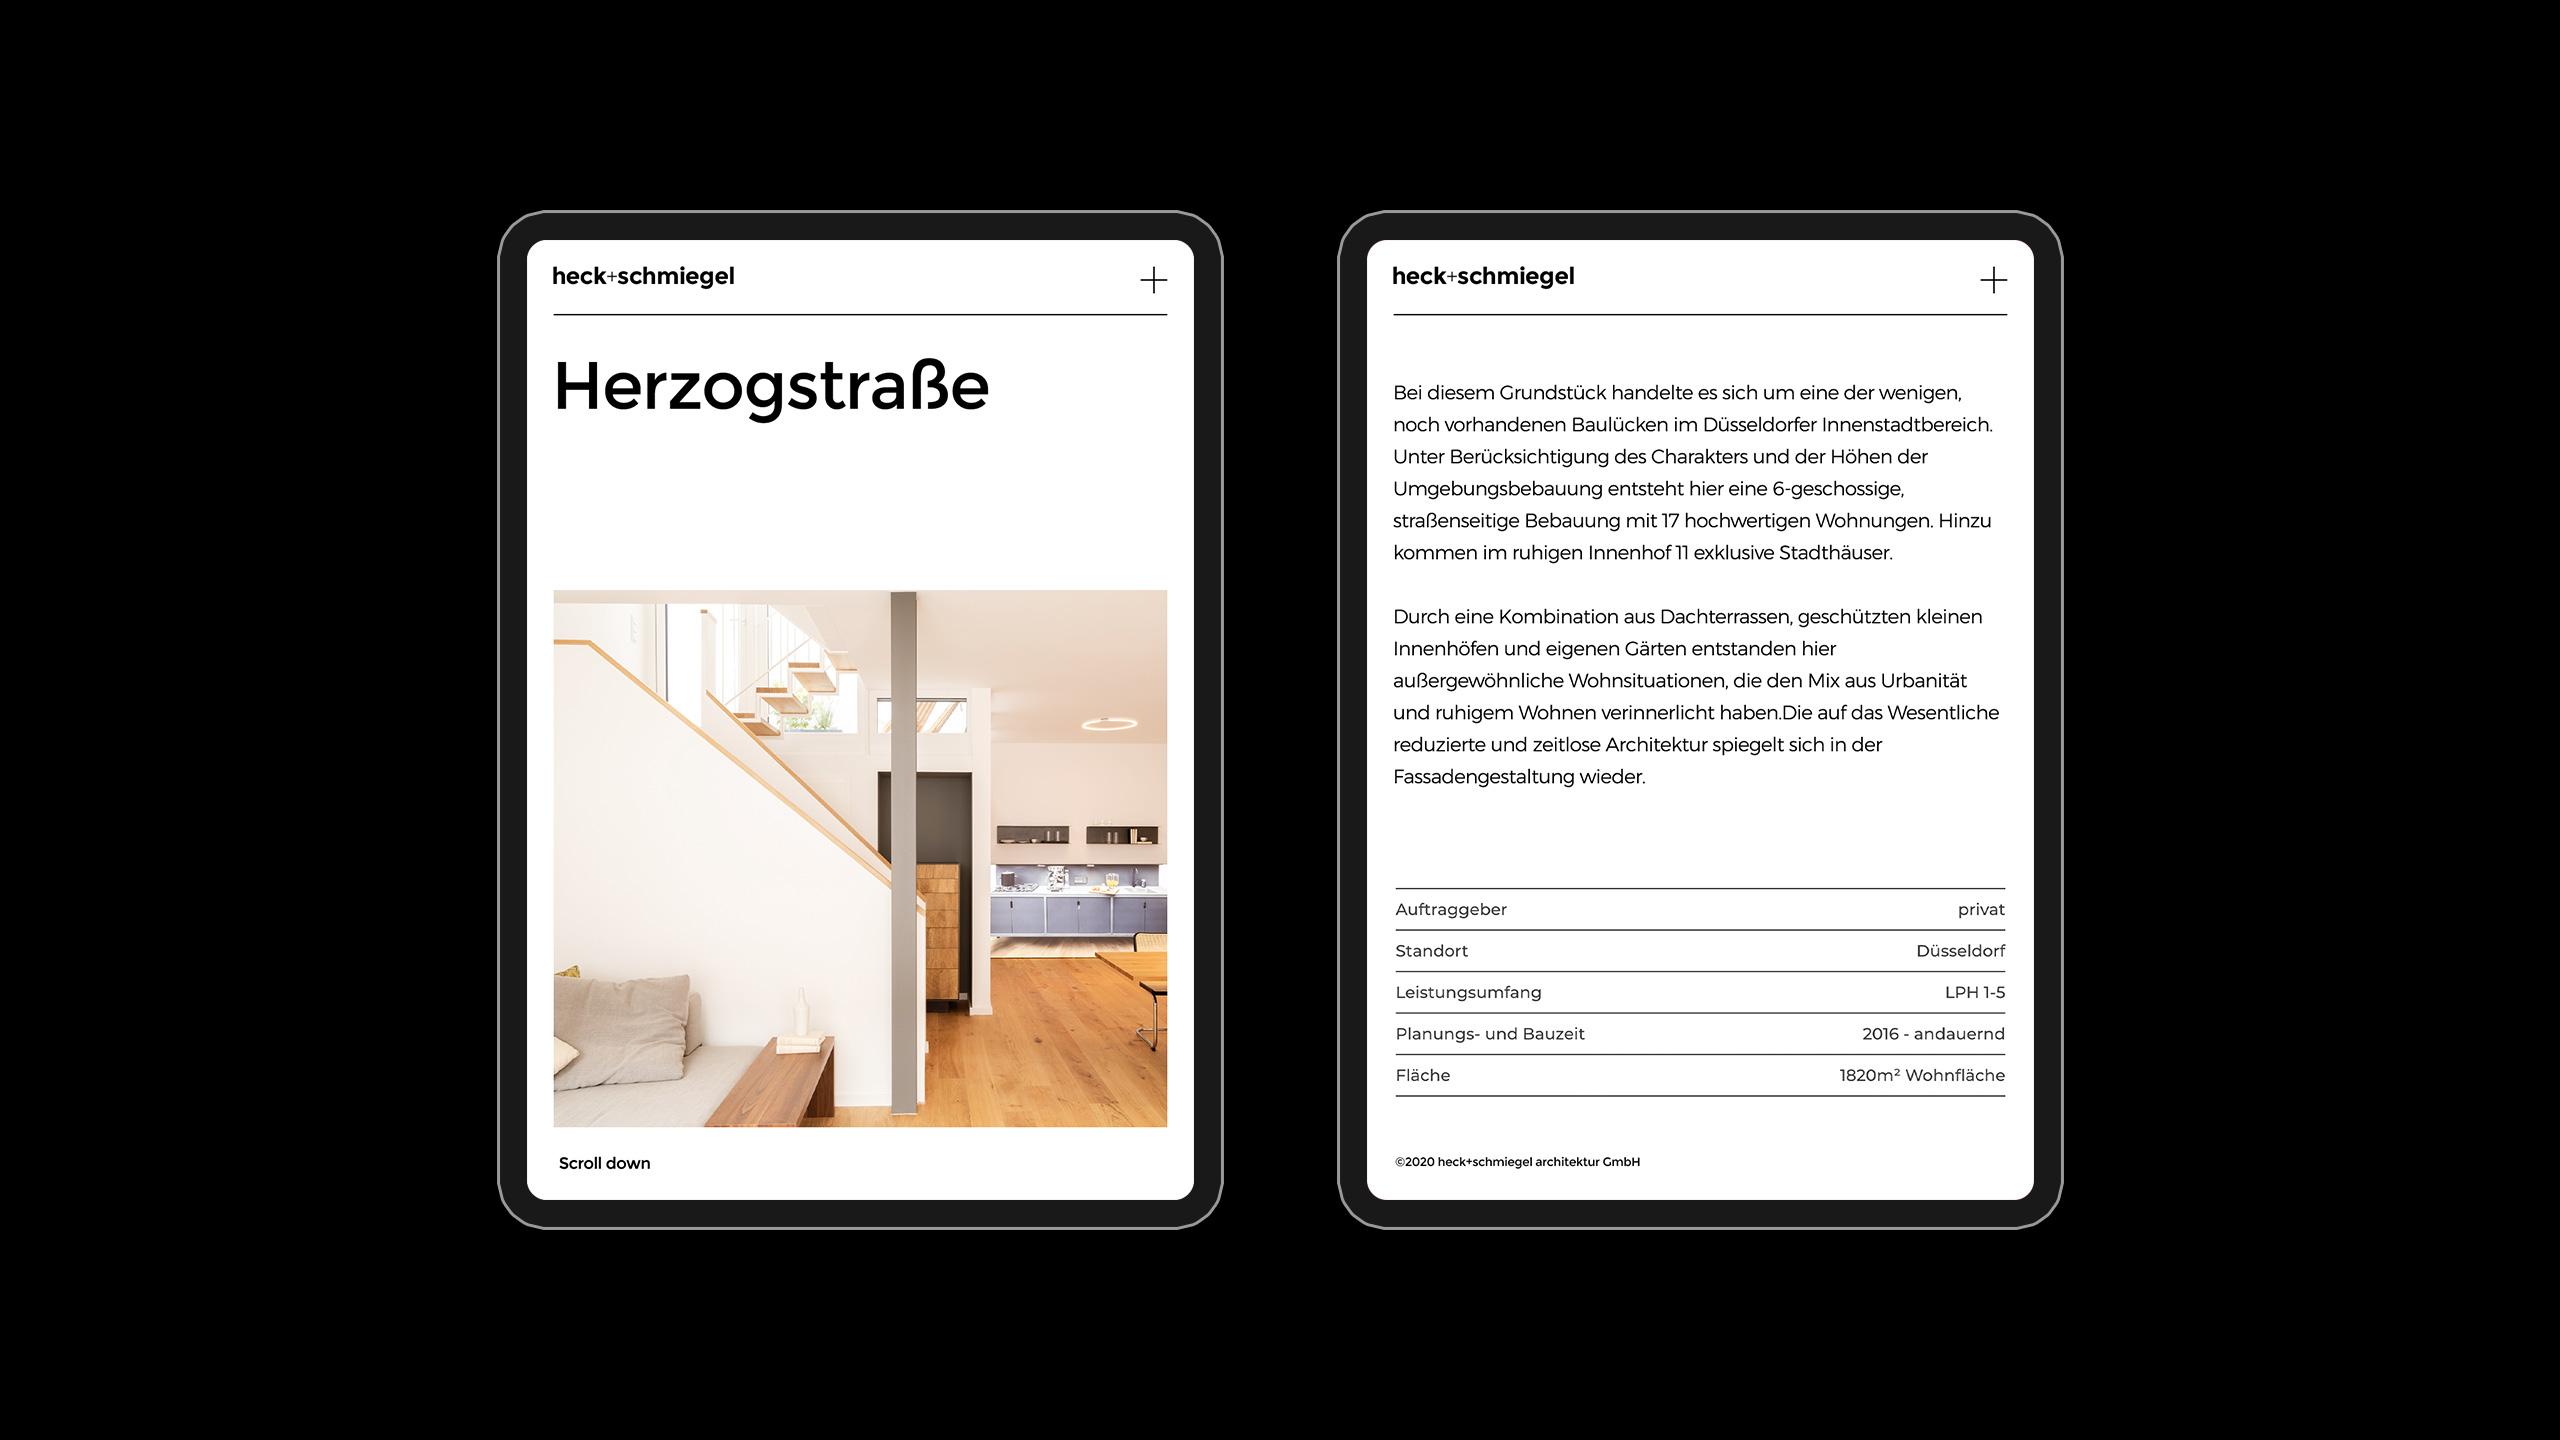 012-heckundschmiegel-architektur_high